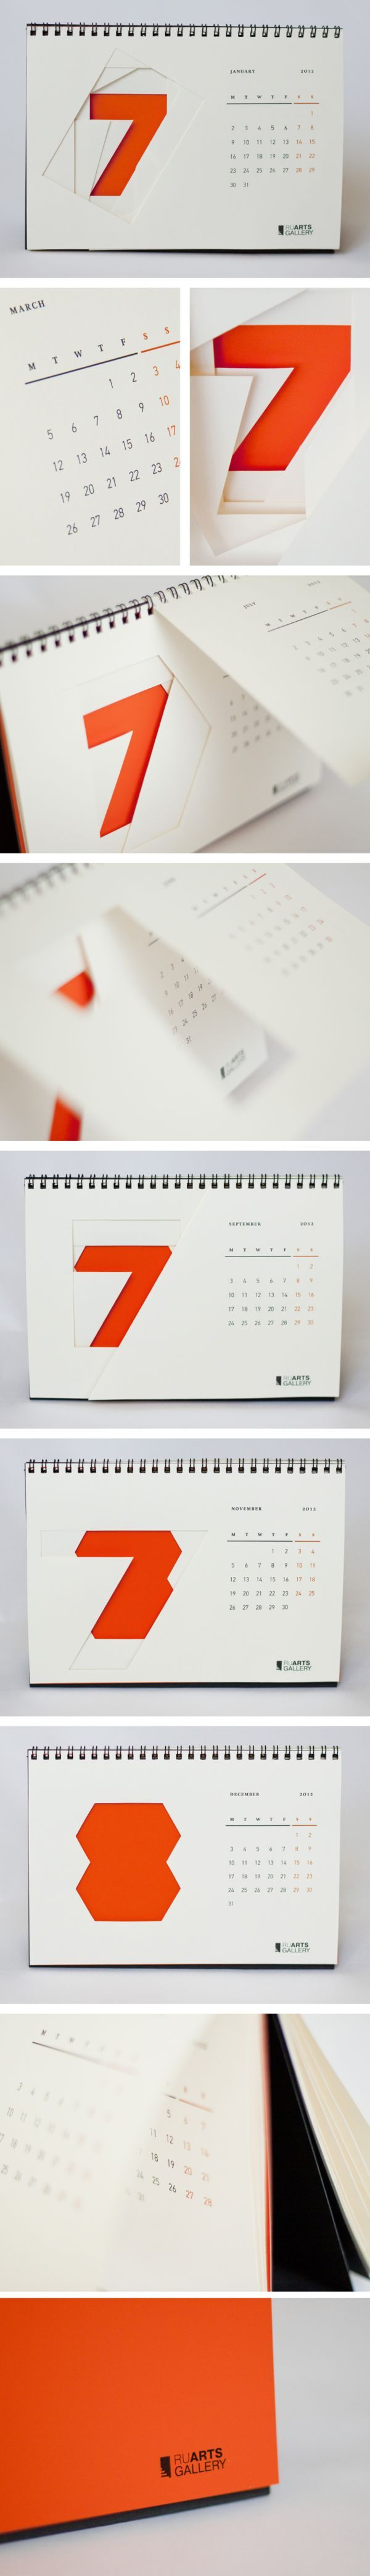 Unique Calendar Design Inspiration : Print design inspirati anniversaries design